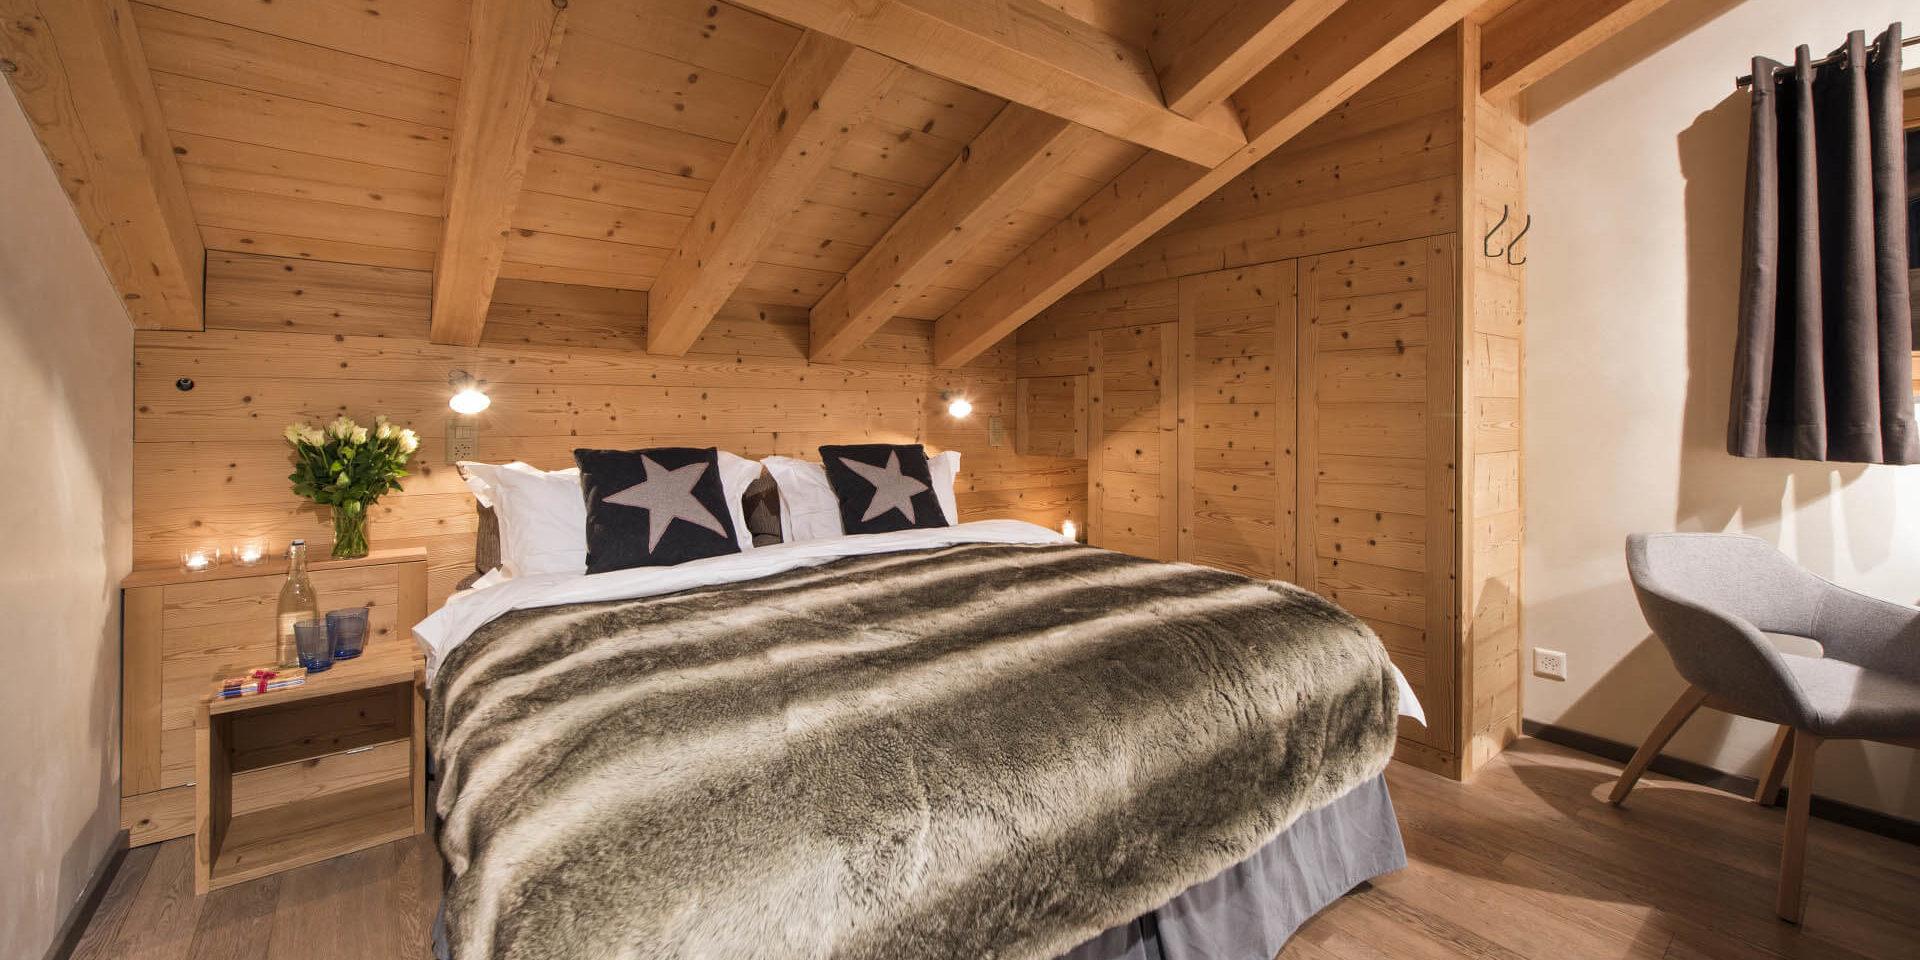 Chalet Rock Verbier Les 4 Vallees Zwitserland wintersport skivakantie luxe slaapkamer 2-persoonsbed bedsprei bloemen nachtlampje stoel